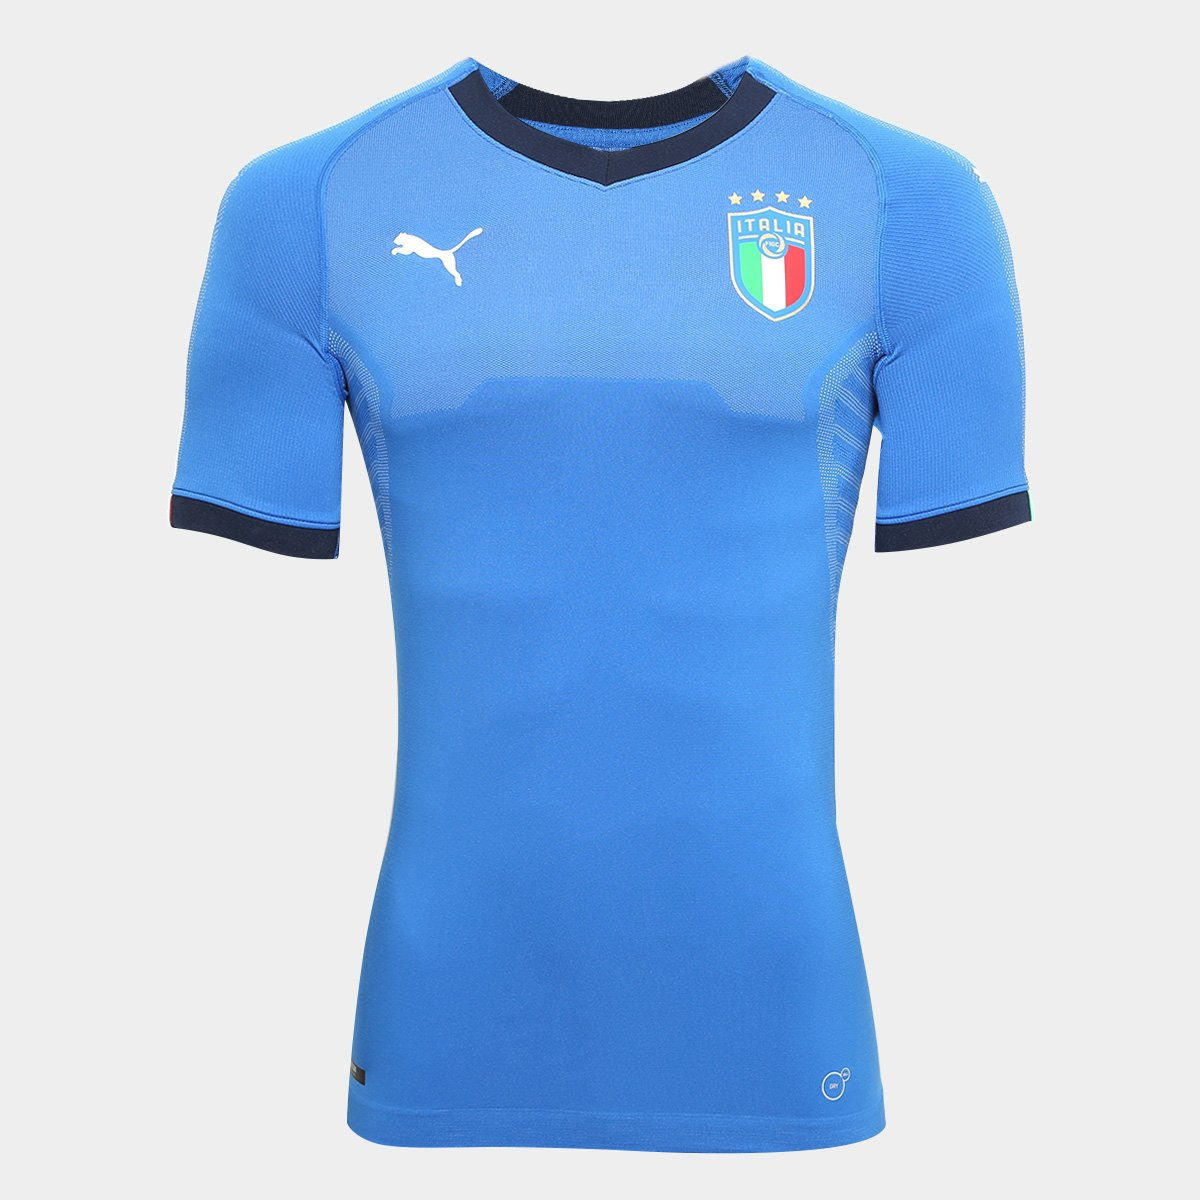 0d51532f43 Camisa Seleção Itália Home s n° 18 19 Jogador Puma Masculina - Compre Agora